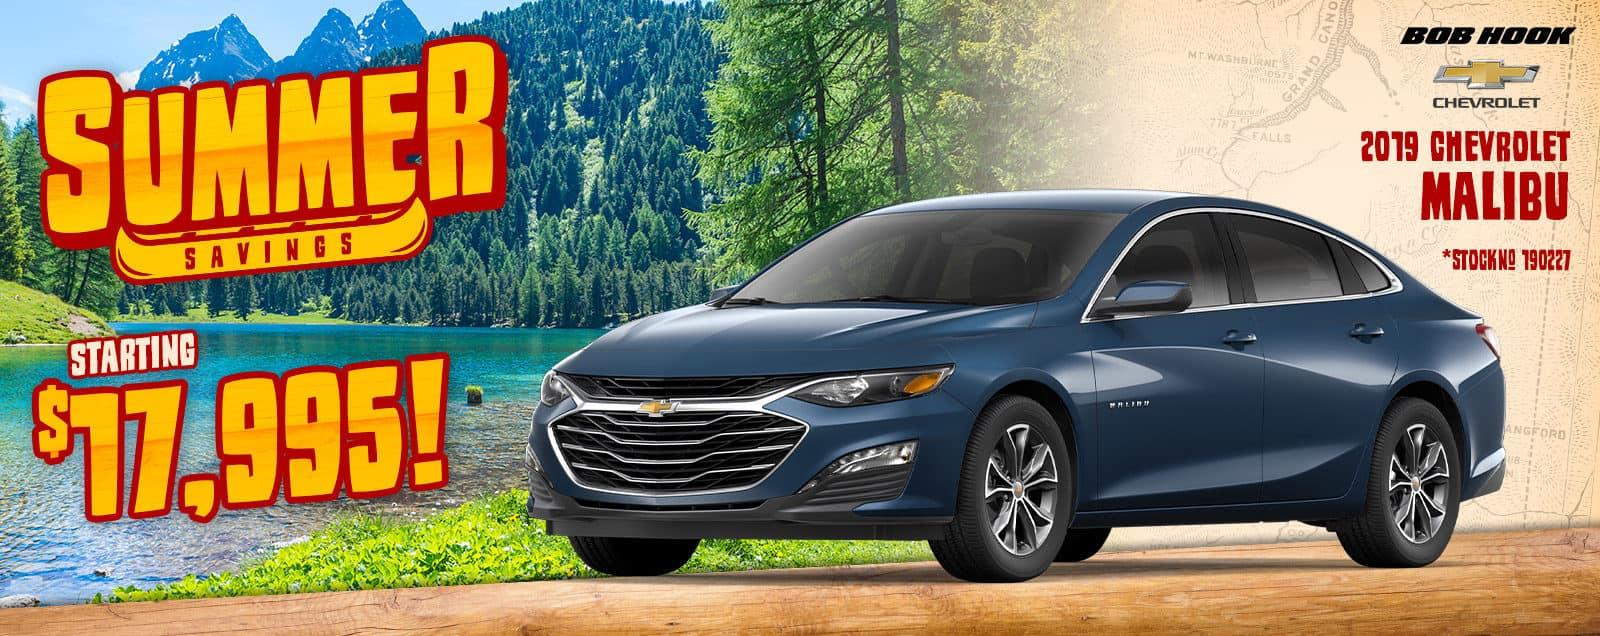 2019 Chevrolet Malibu Deals & Sales